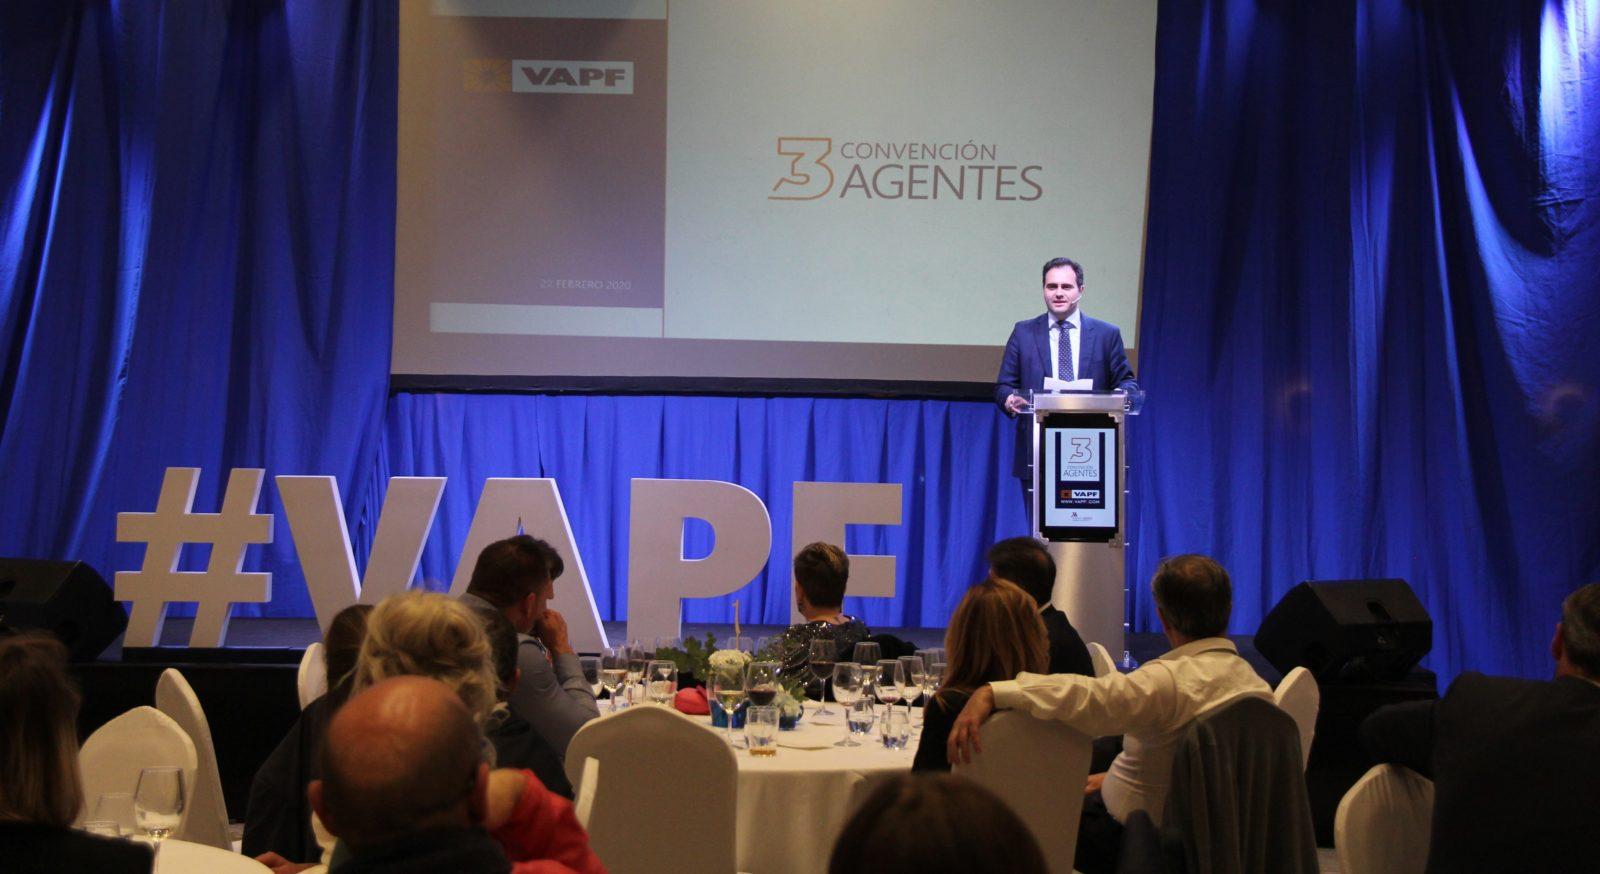 VAPF celebra su tercera convención con profesionales del sector inmobiliario